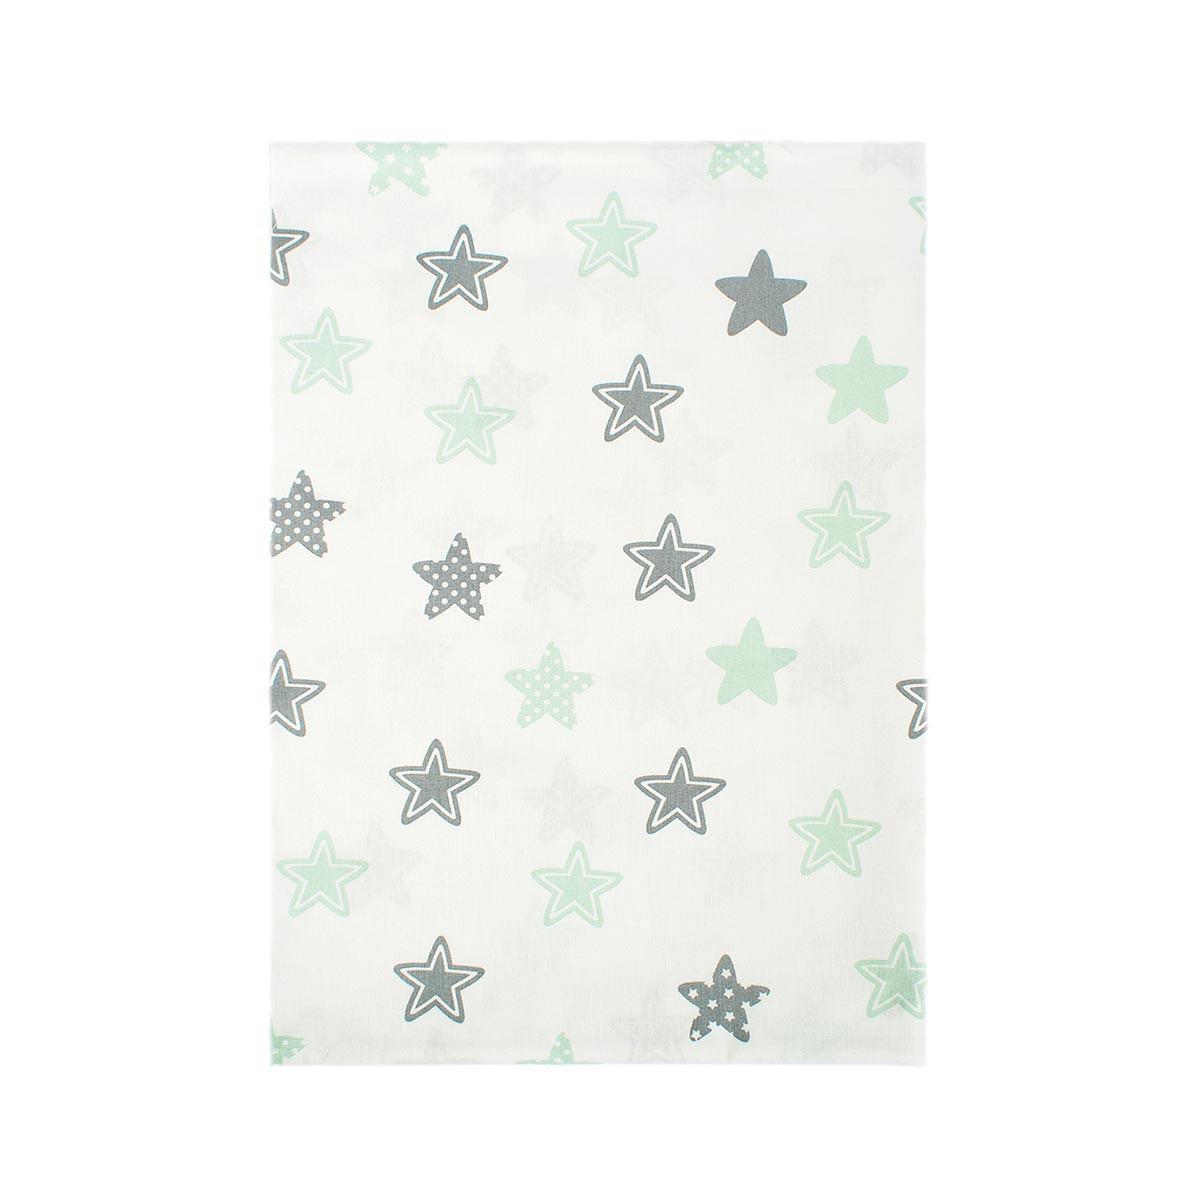 Σεντόνια Μονά (Σετ 2τμχ) Dimcol Star 101 Green